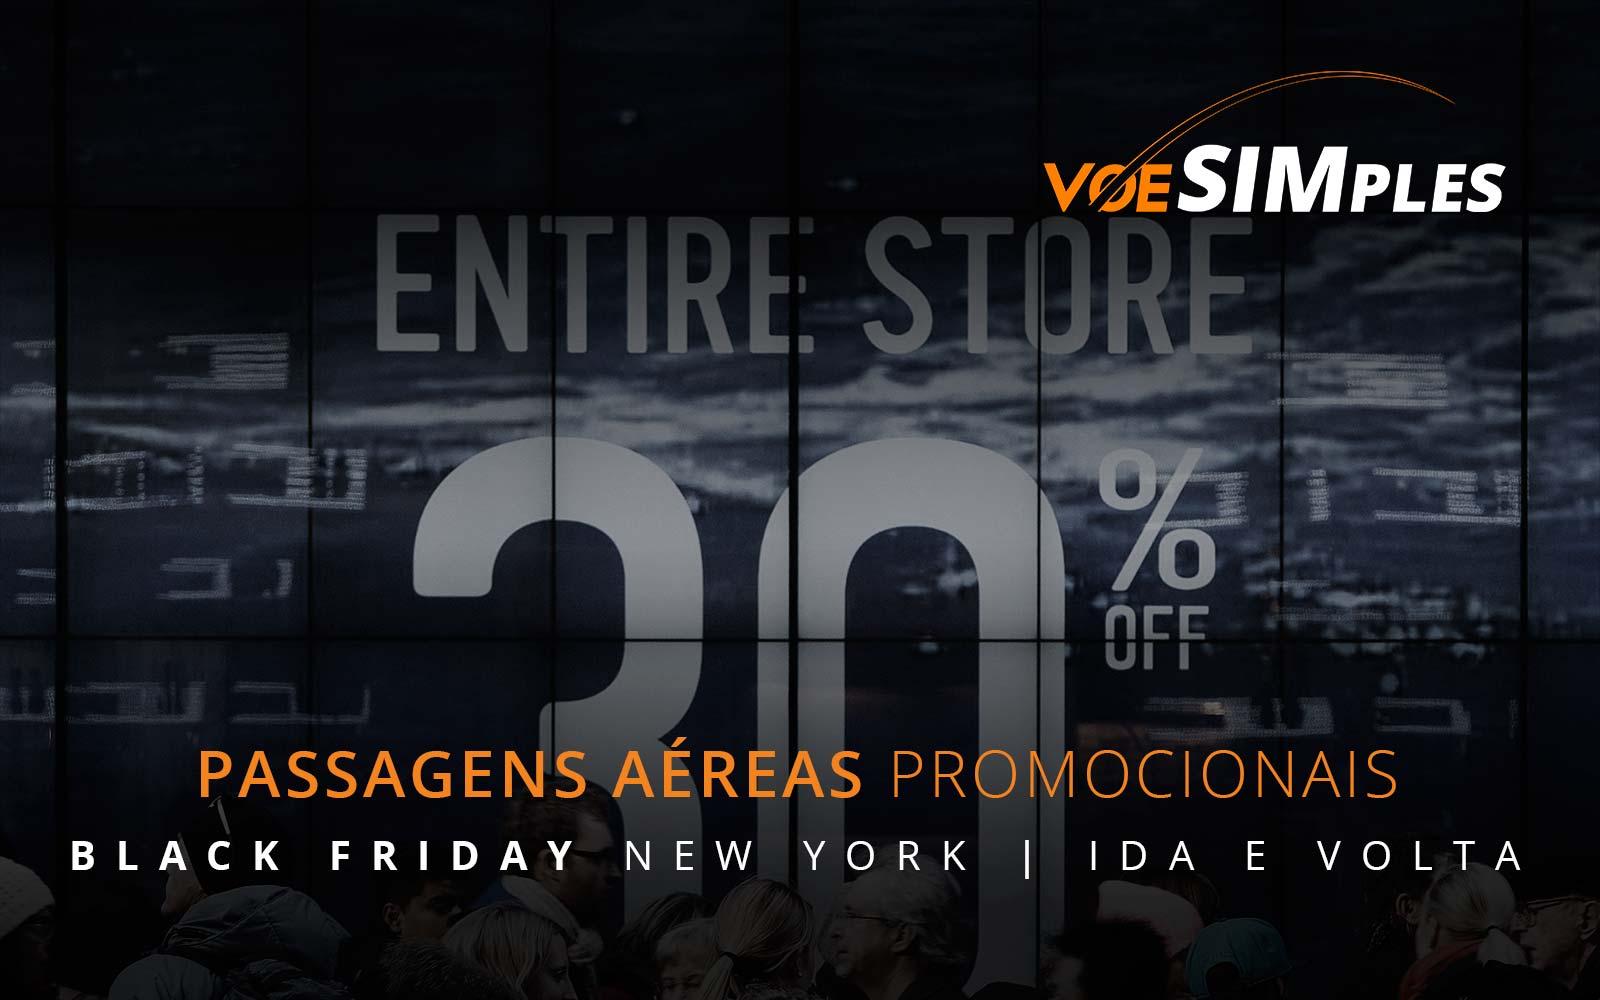 Passagens aéreas promocionais para a Black Friday em Nova York nos Estados Unidos